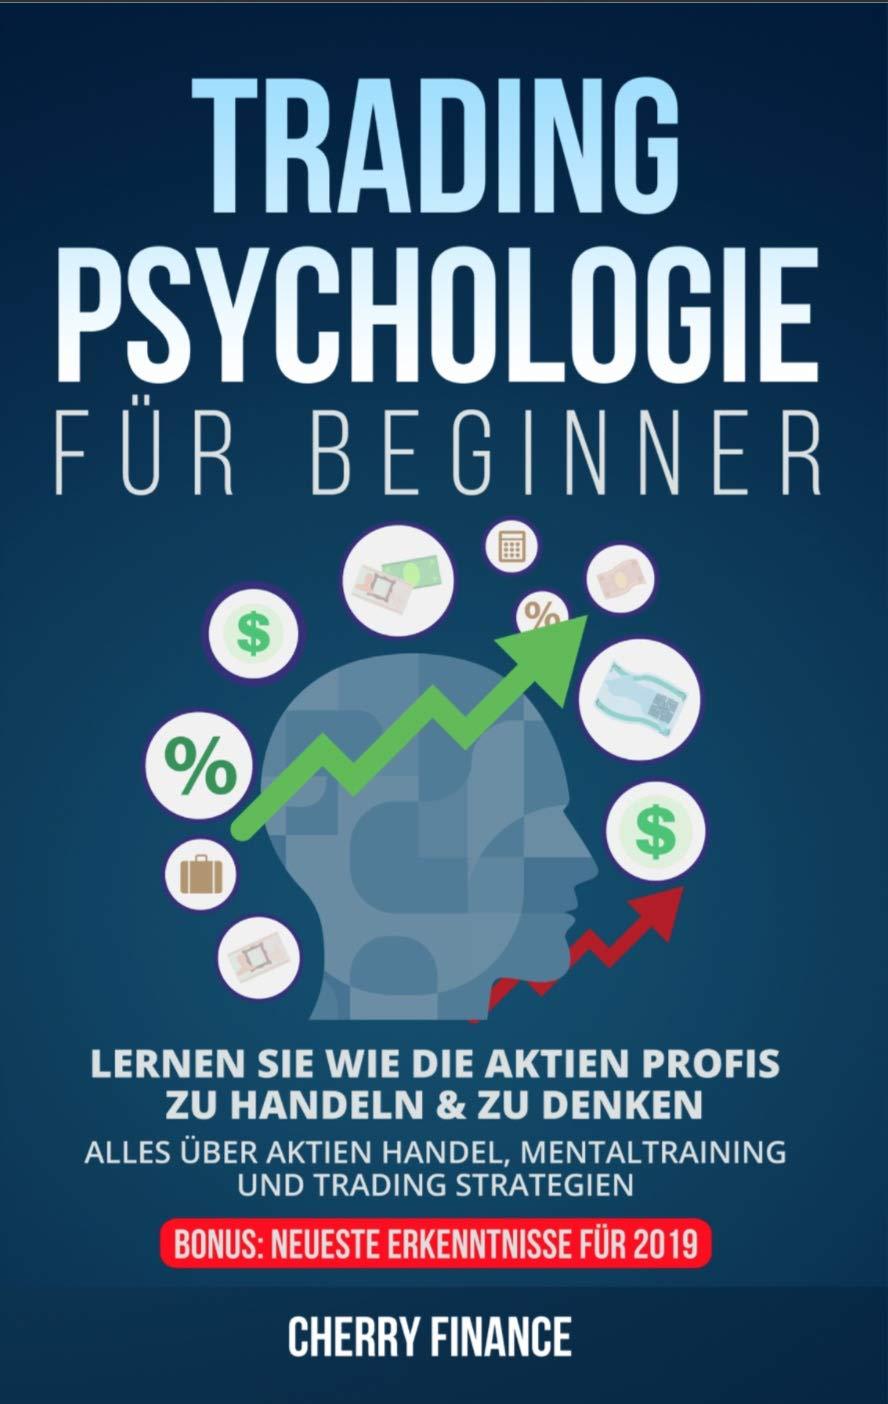 Tradingpsychologie Für Beginner  Lernen Sie Wie Die Profis Aktien Zu Traden   Alles über Daytrading Börse Mentaltraining Und Trading Strategien   Bonuskapitel über Technische Chartanalyse